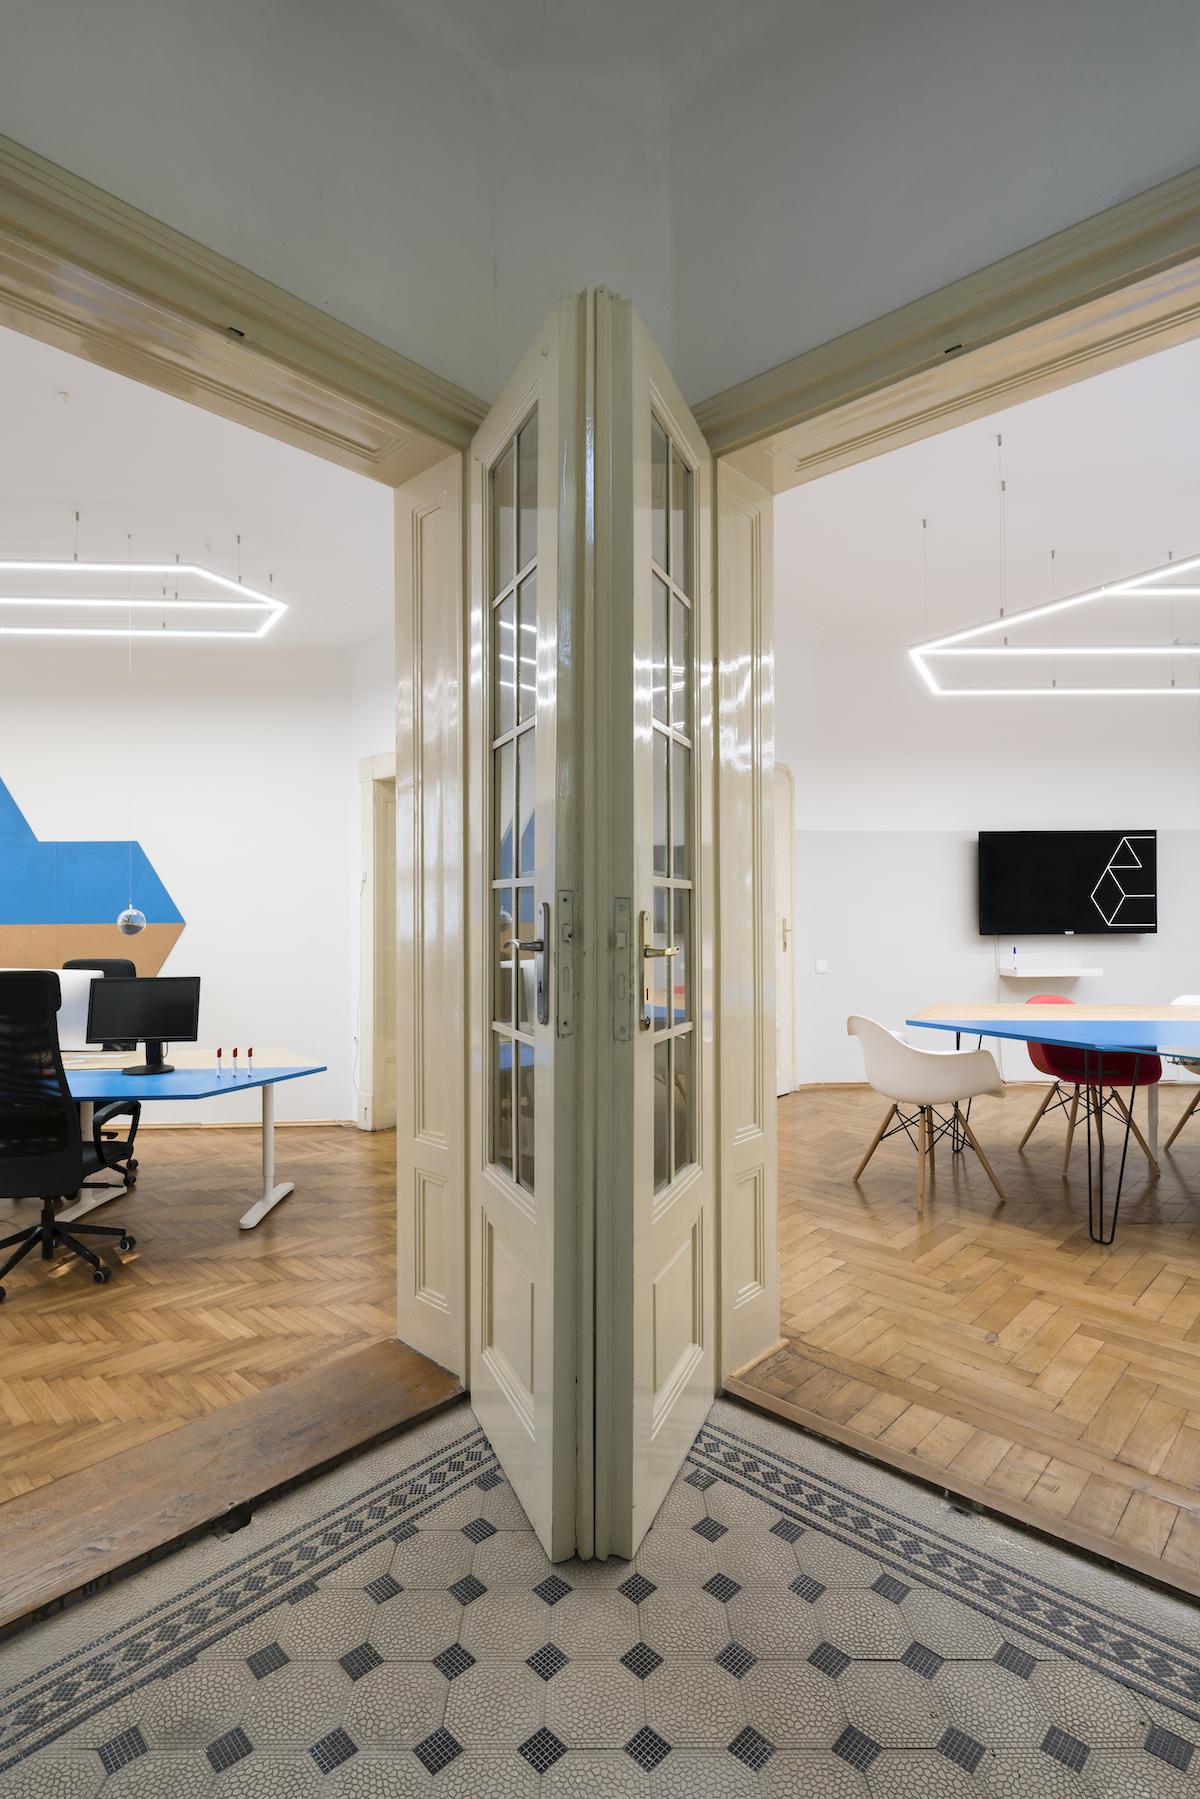 Všechny místnosti mají minimálně dva vstupy, což posiluje pocit vzdušnosti a volnosti